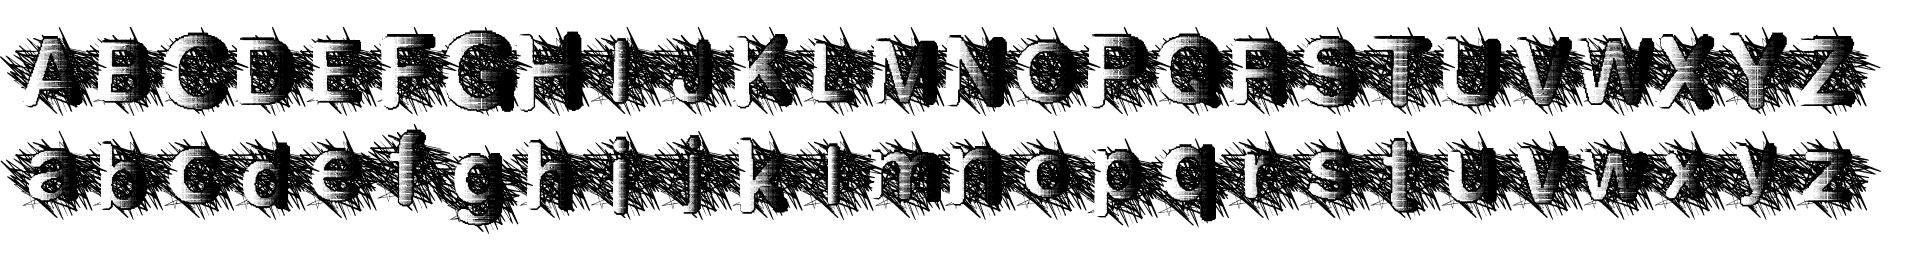 ZombieScratch